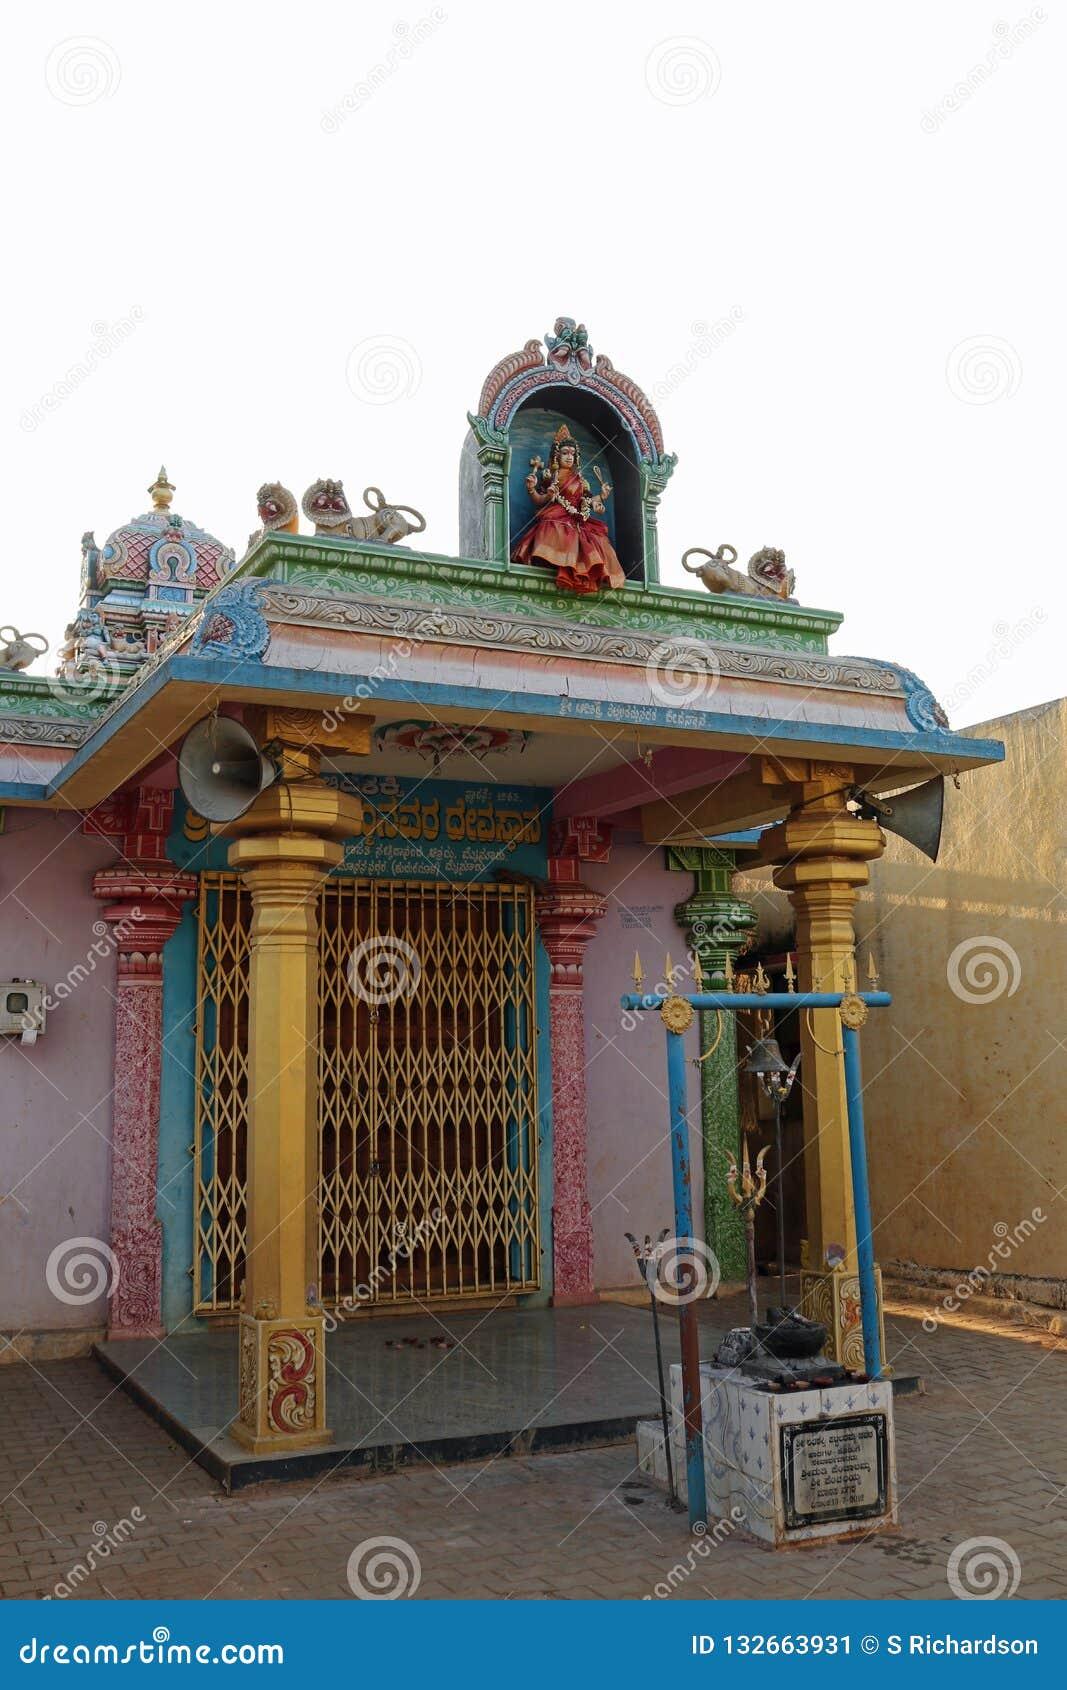 Entrata al tempio di Lakshmiramana Swamy